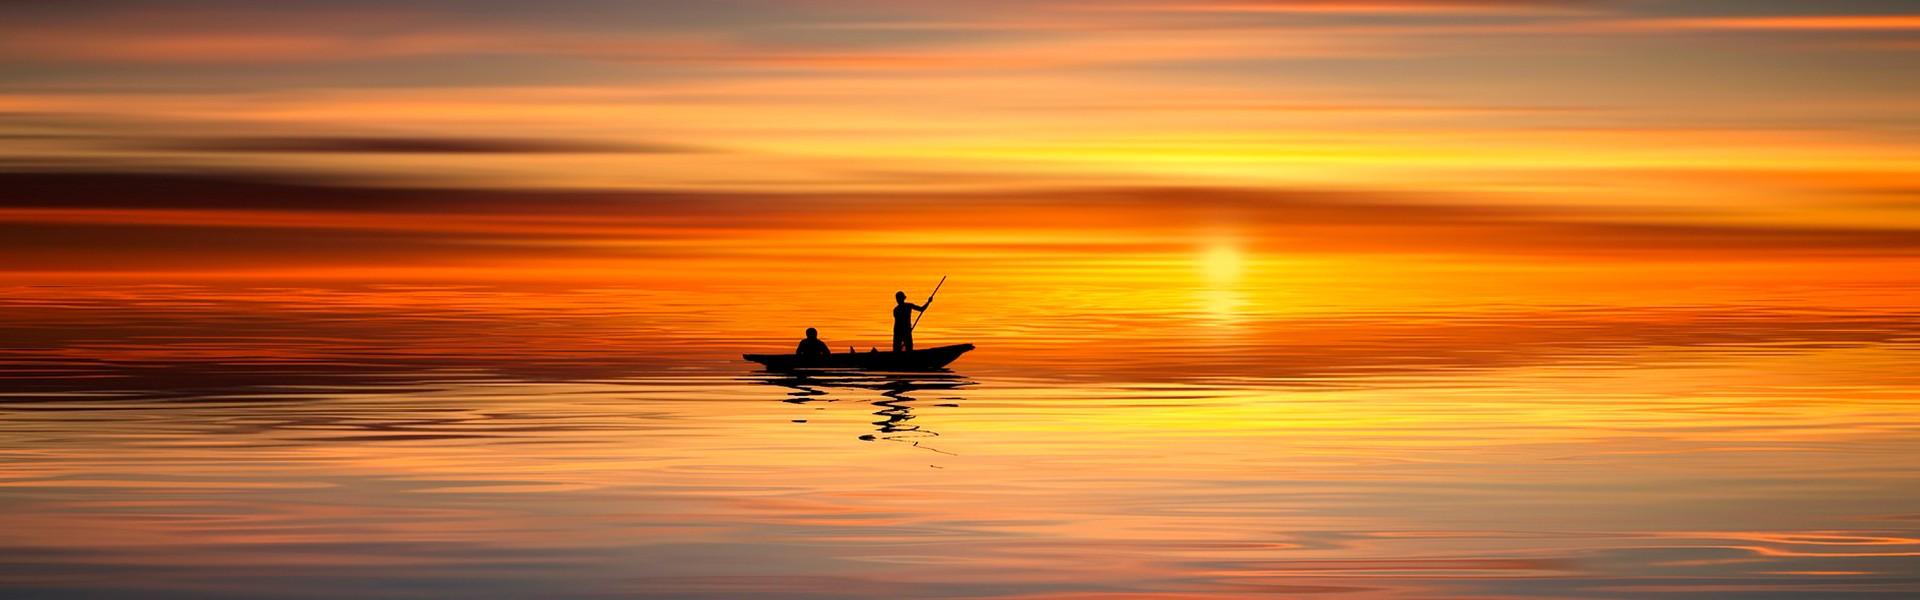 Curso sobre Ambiente Marinho e Pesca orienta pescadores em SP